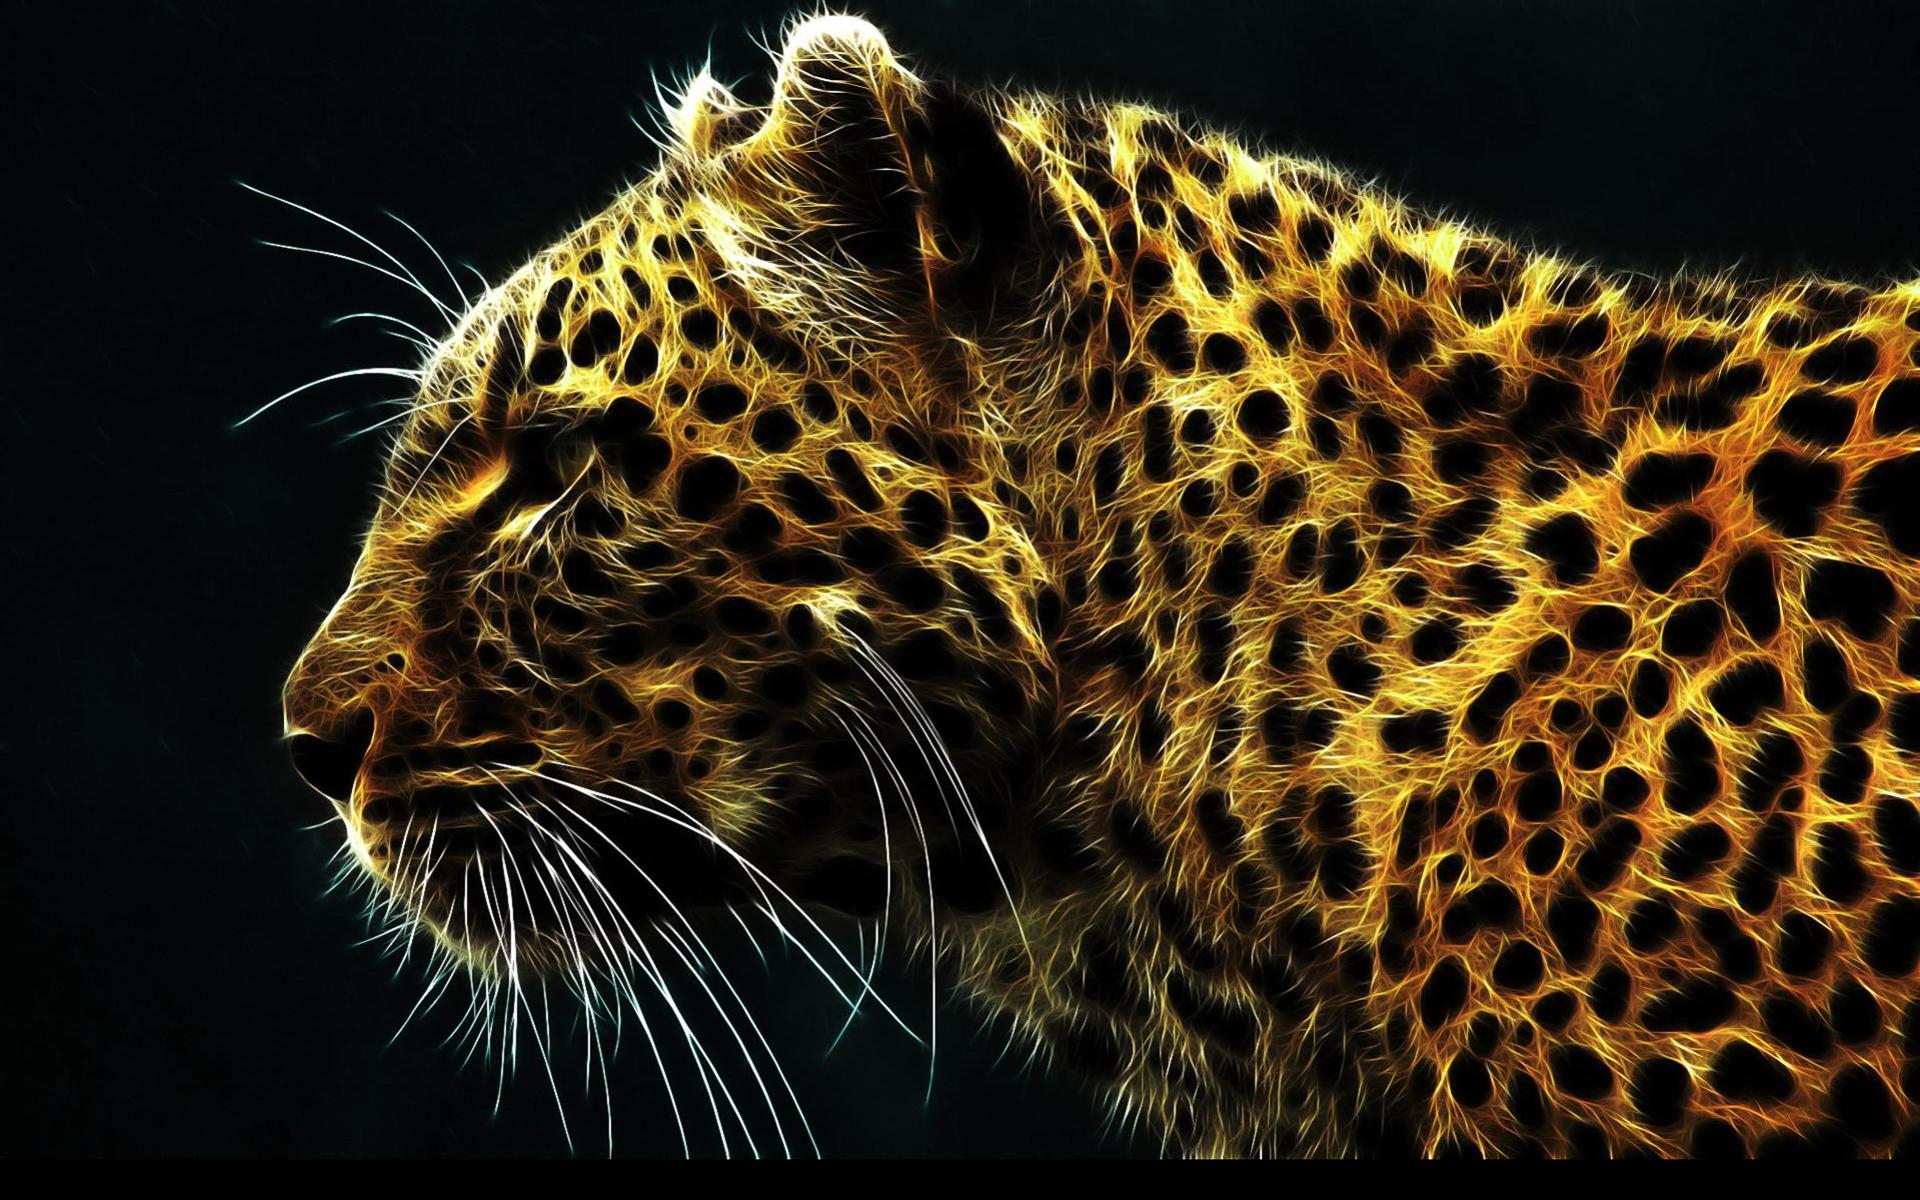 jaguar wallpaper 1080p